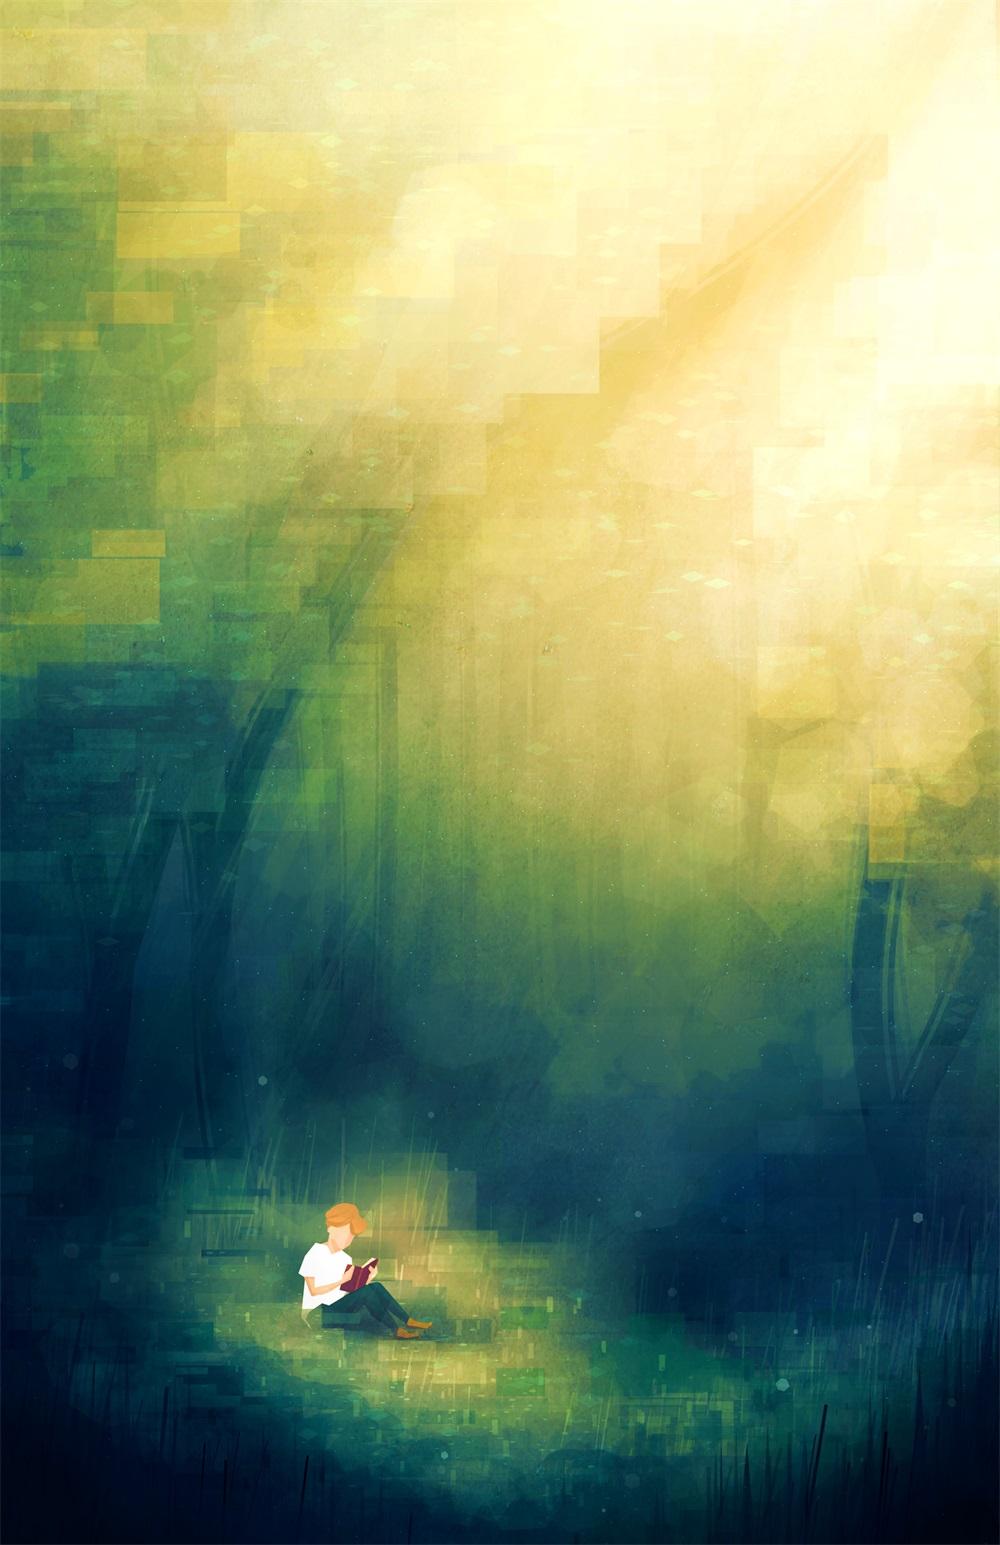 都市日暮!16张霓虹城市插画作品